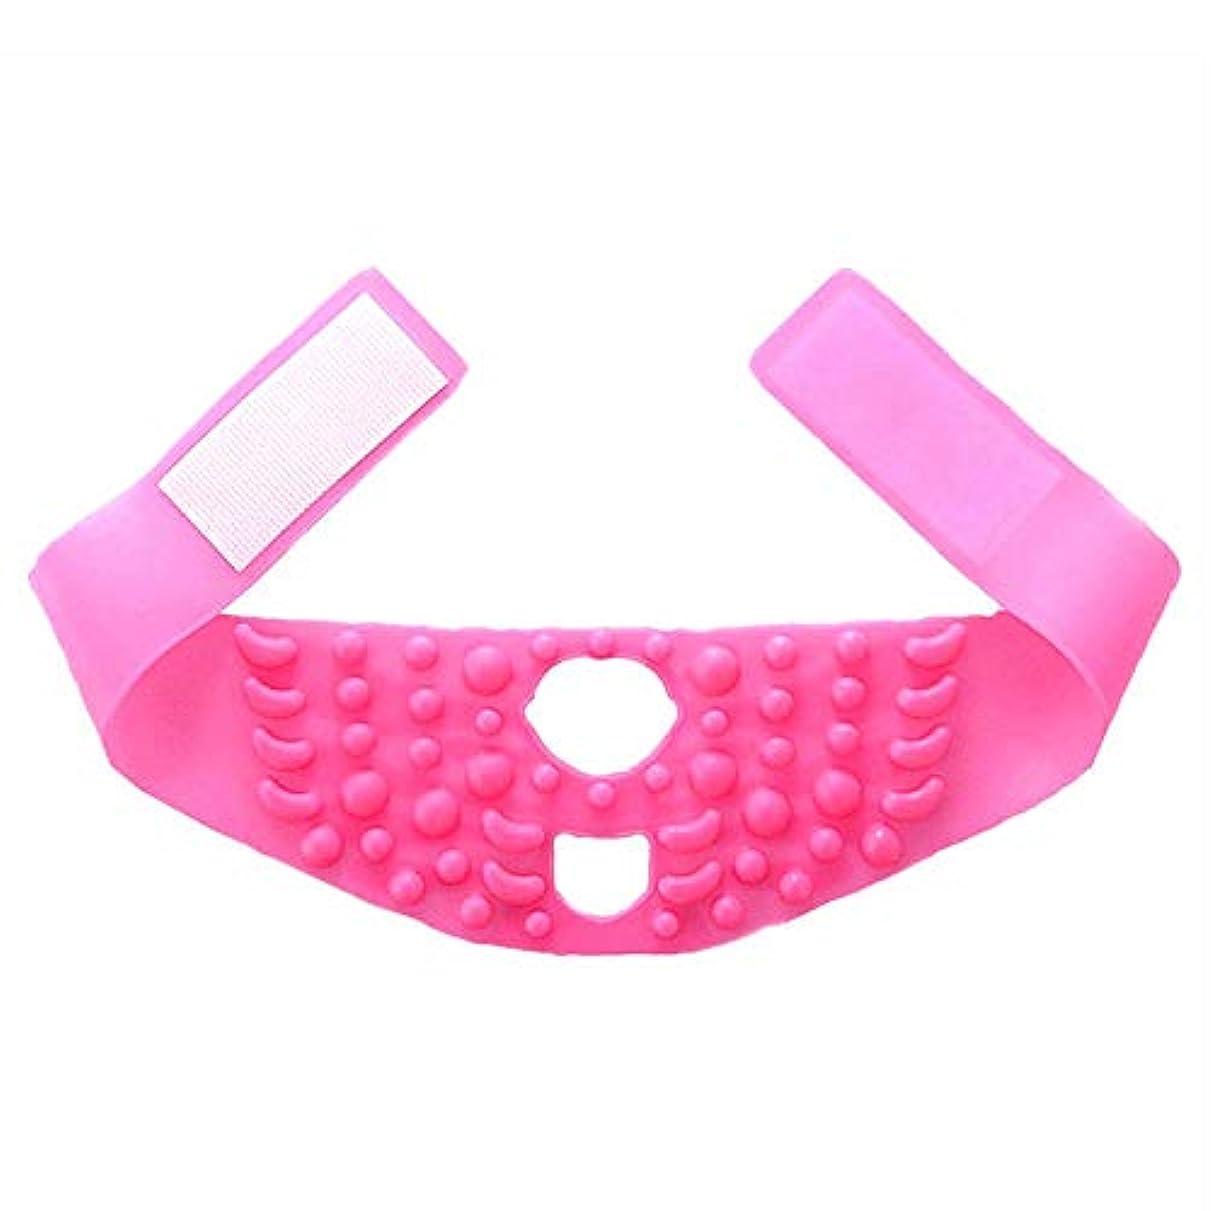 結核ペット観察シンフェイスマスクシリコーンマッサージ引き締まった形の小さなVフェイスリフティングに薄いフェイスアーティファクト包帯を飾る - ピンク